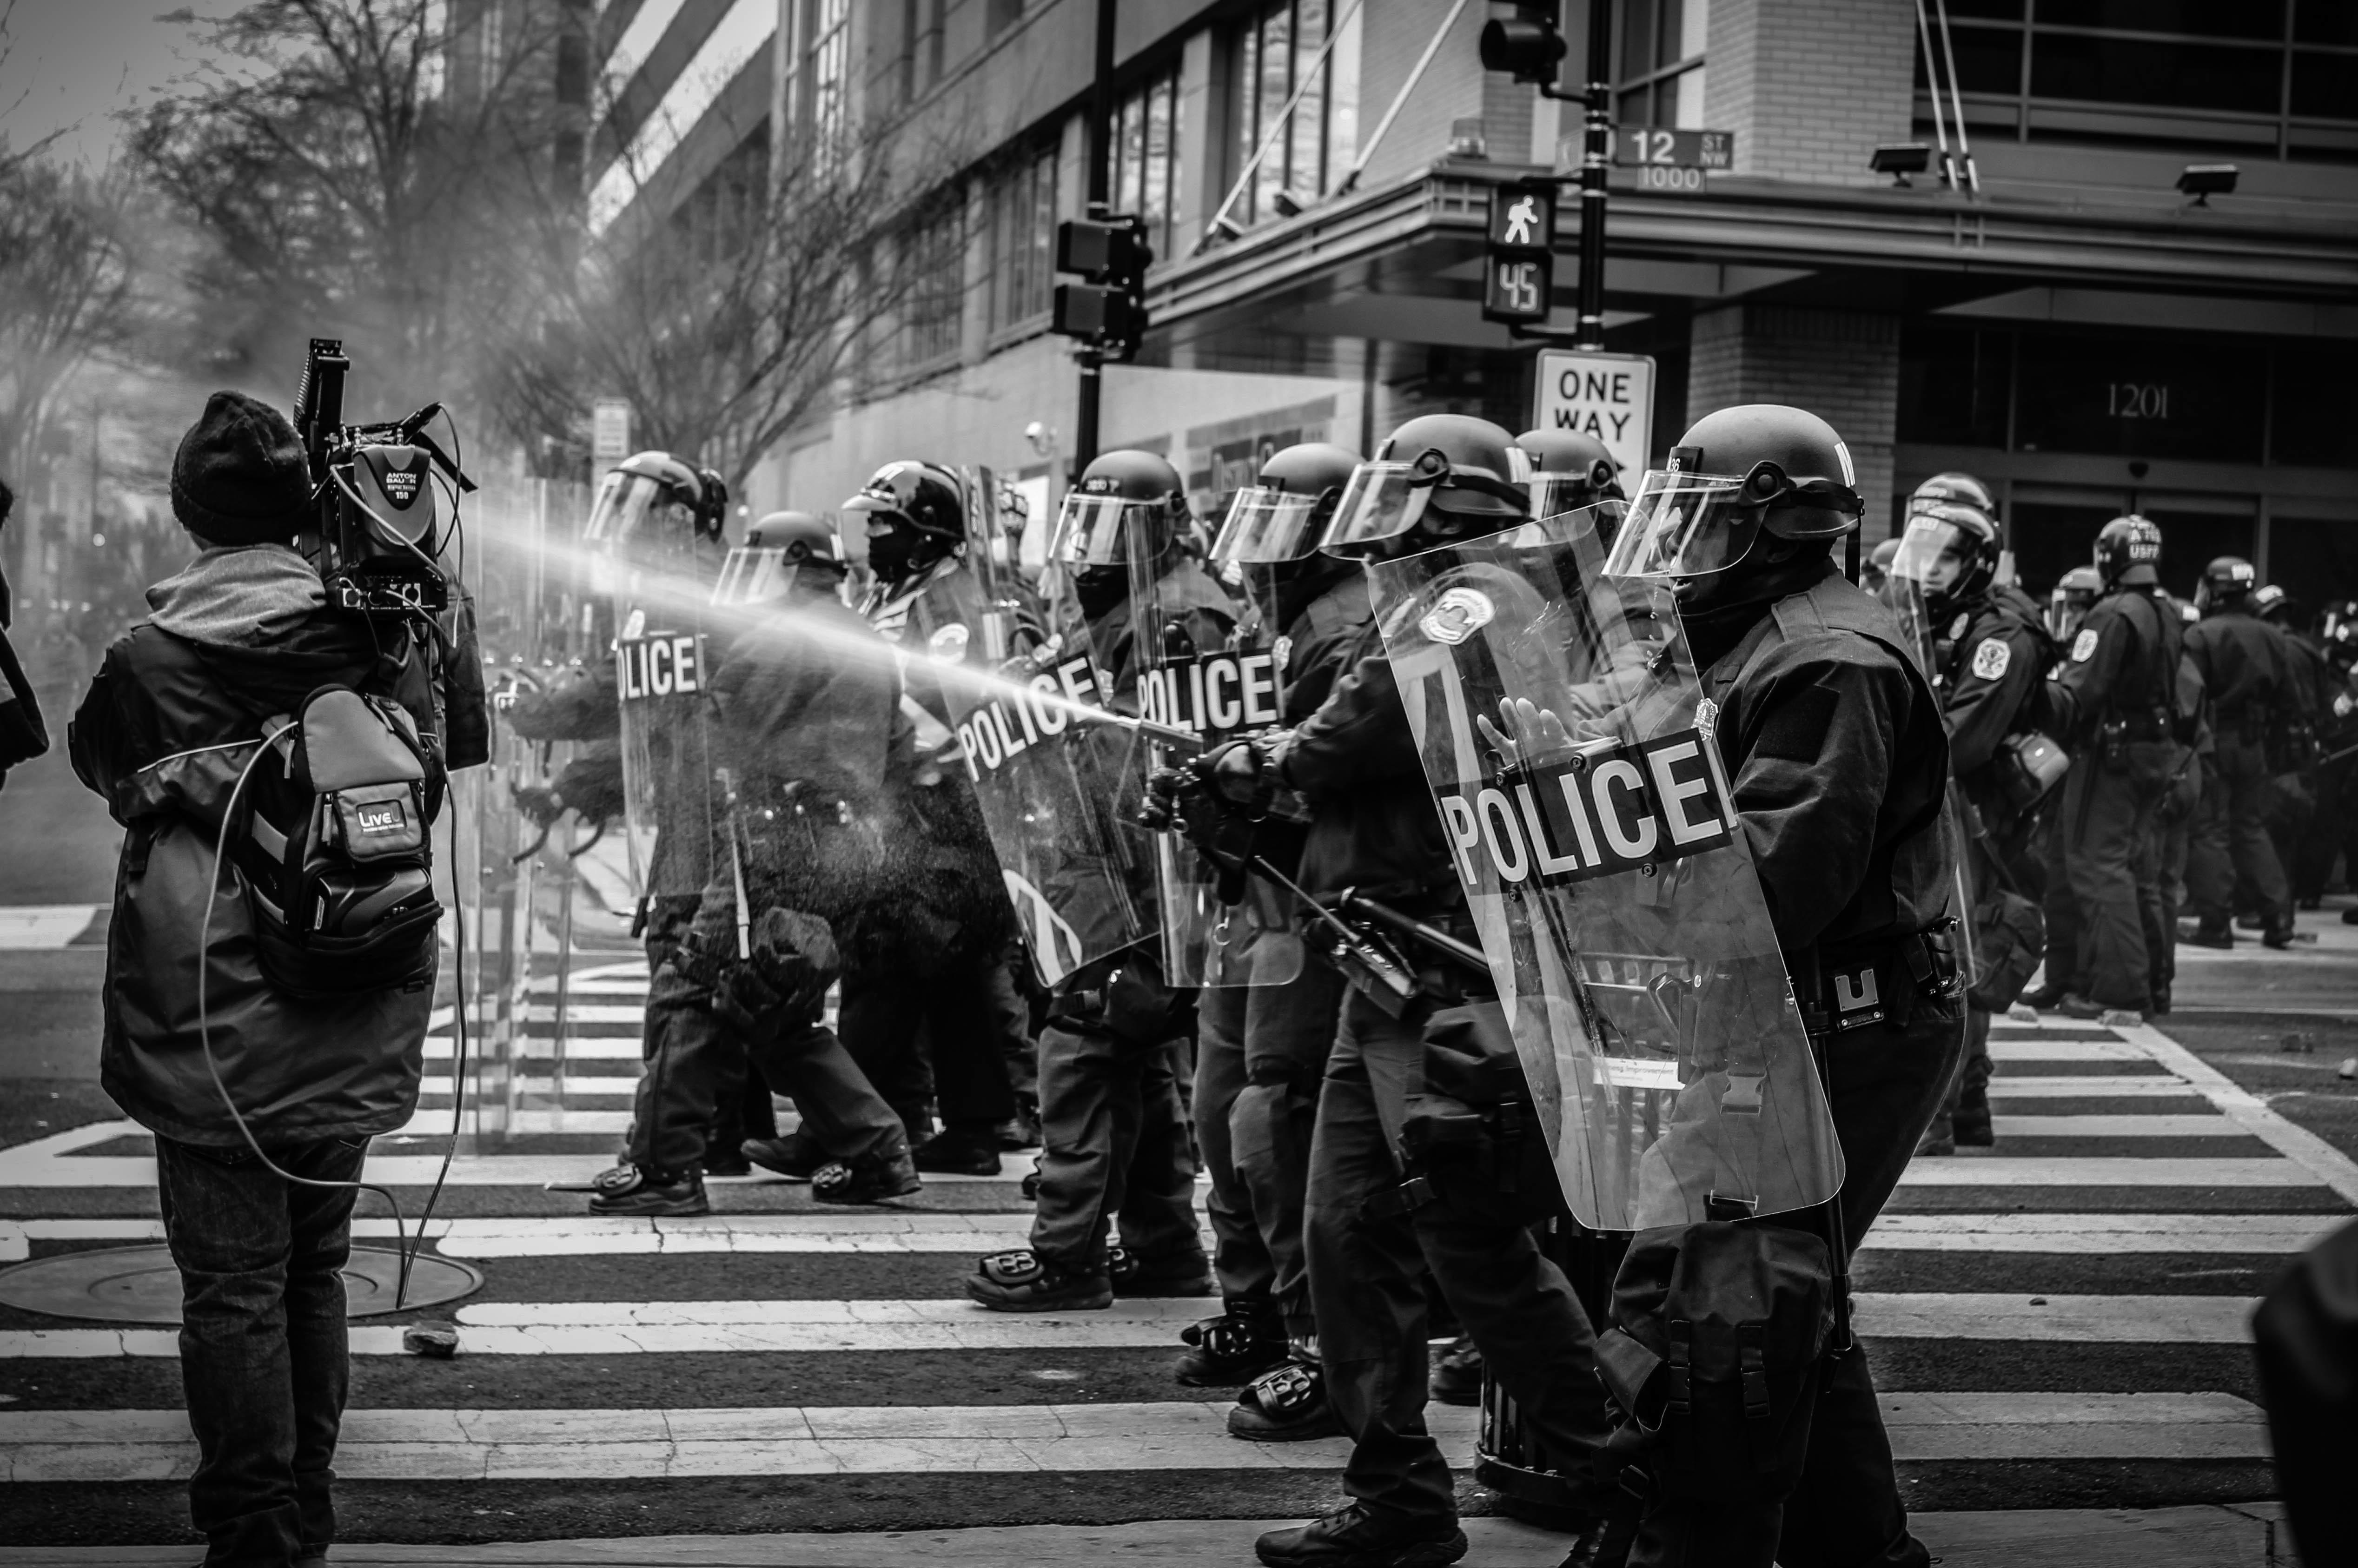 обои : люди, толпа, Черный, черное и белое, Монохромная фотография ... | 3373x5072